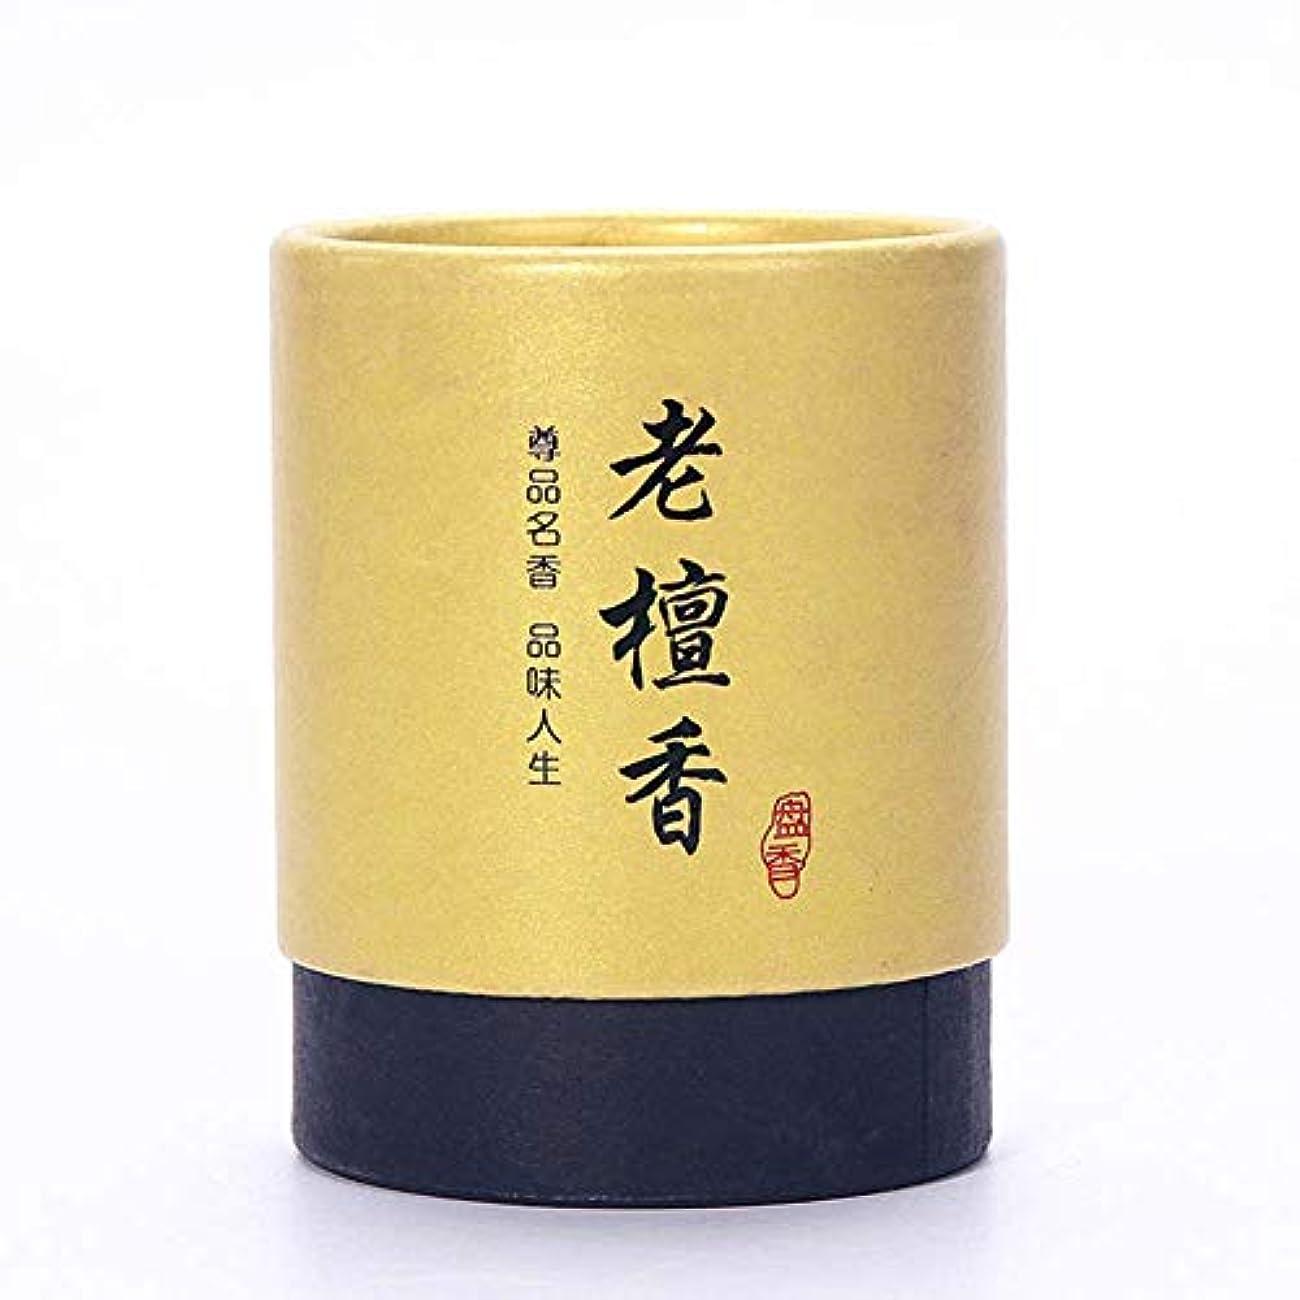 橋脚抜粋コードレスHwaGui お香 ビャクダン 2時間 盤香 渦巻き線香 優しい香り 48巻入 (老い檀香)